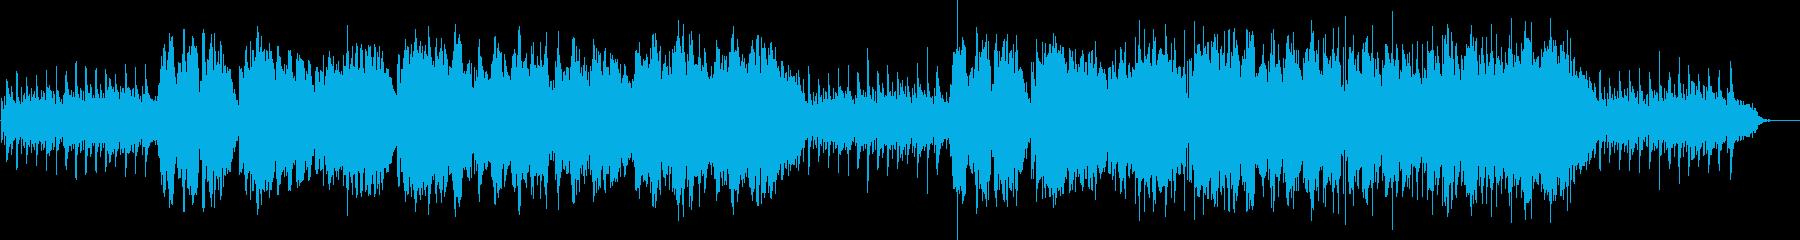 二胡生演奏の和風で穏やかなヒーリングの再生済みの波形